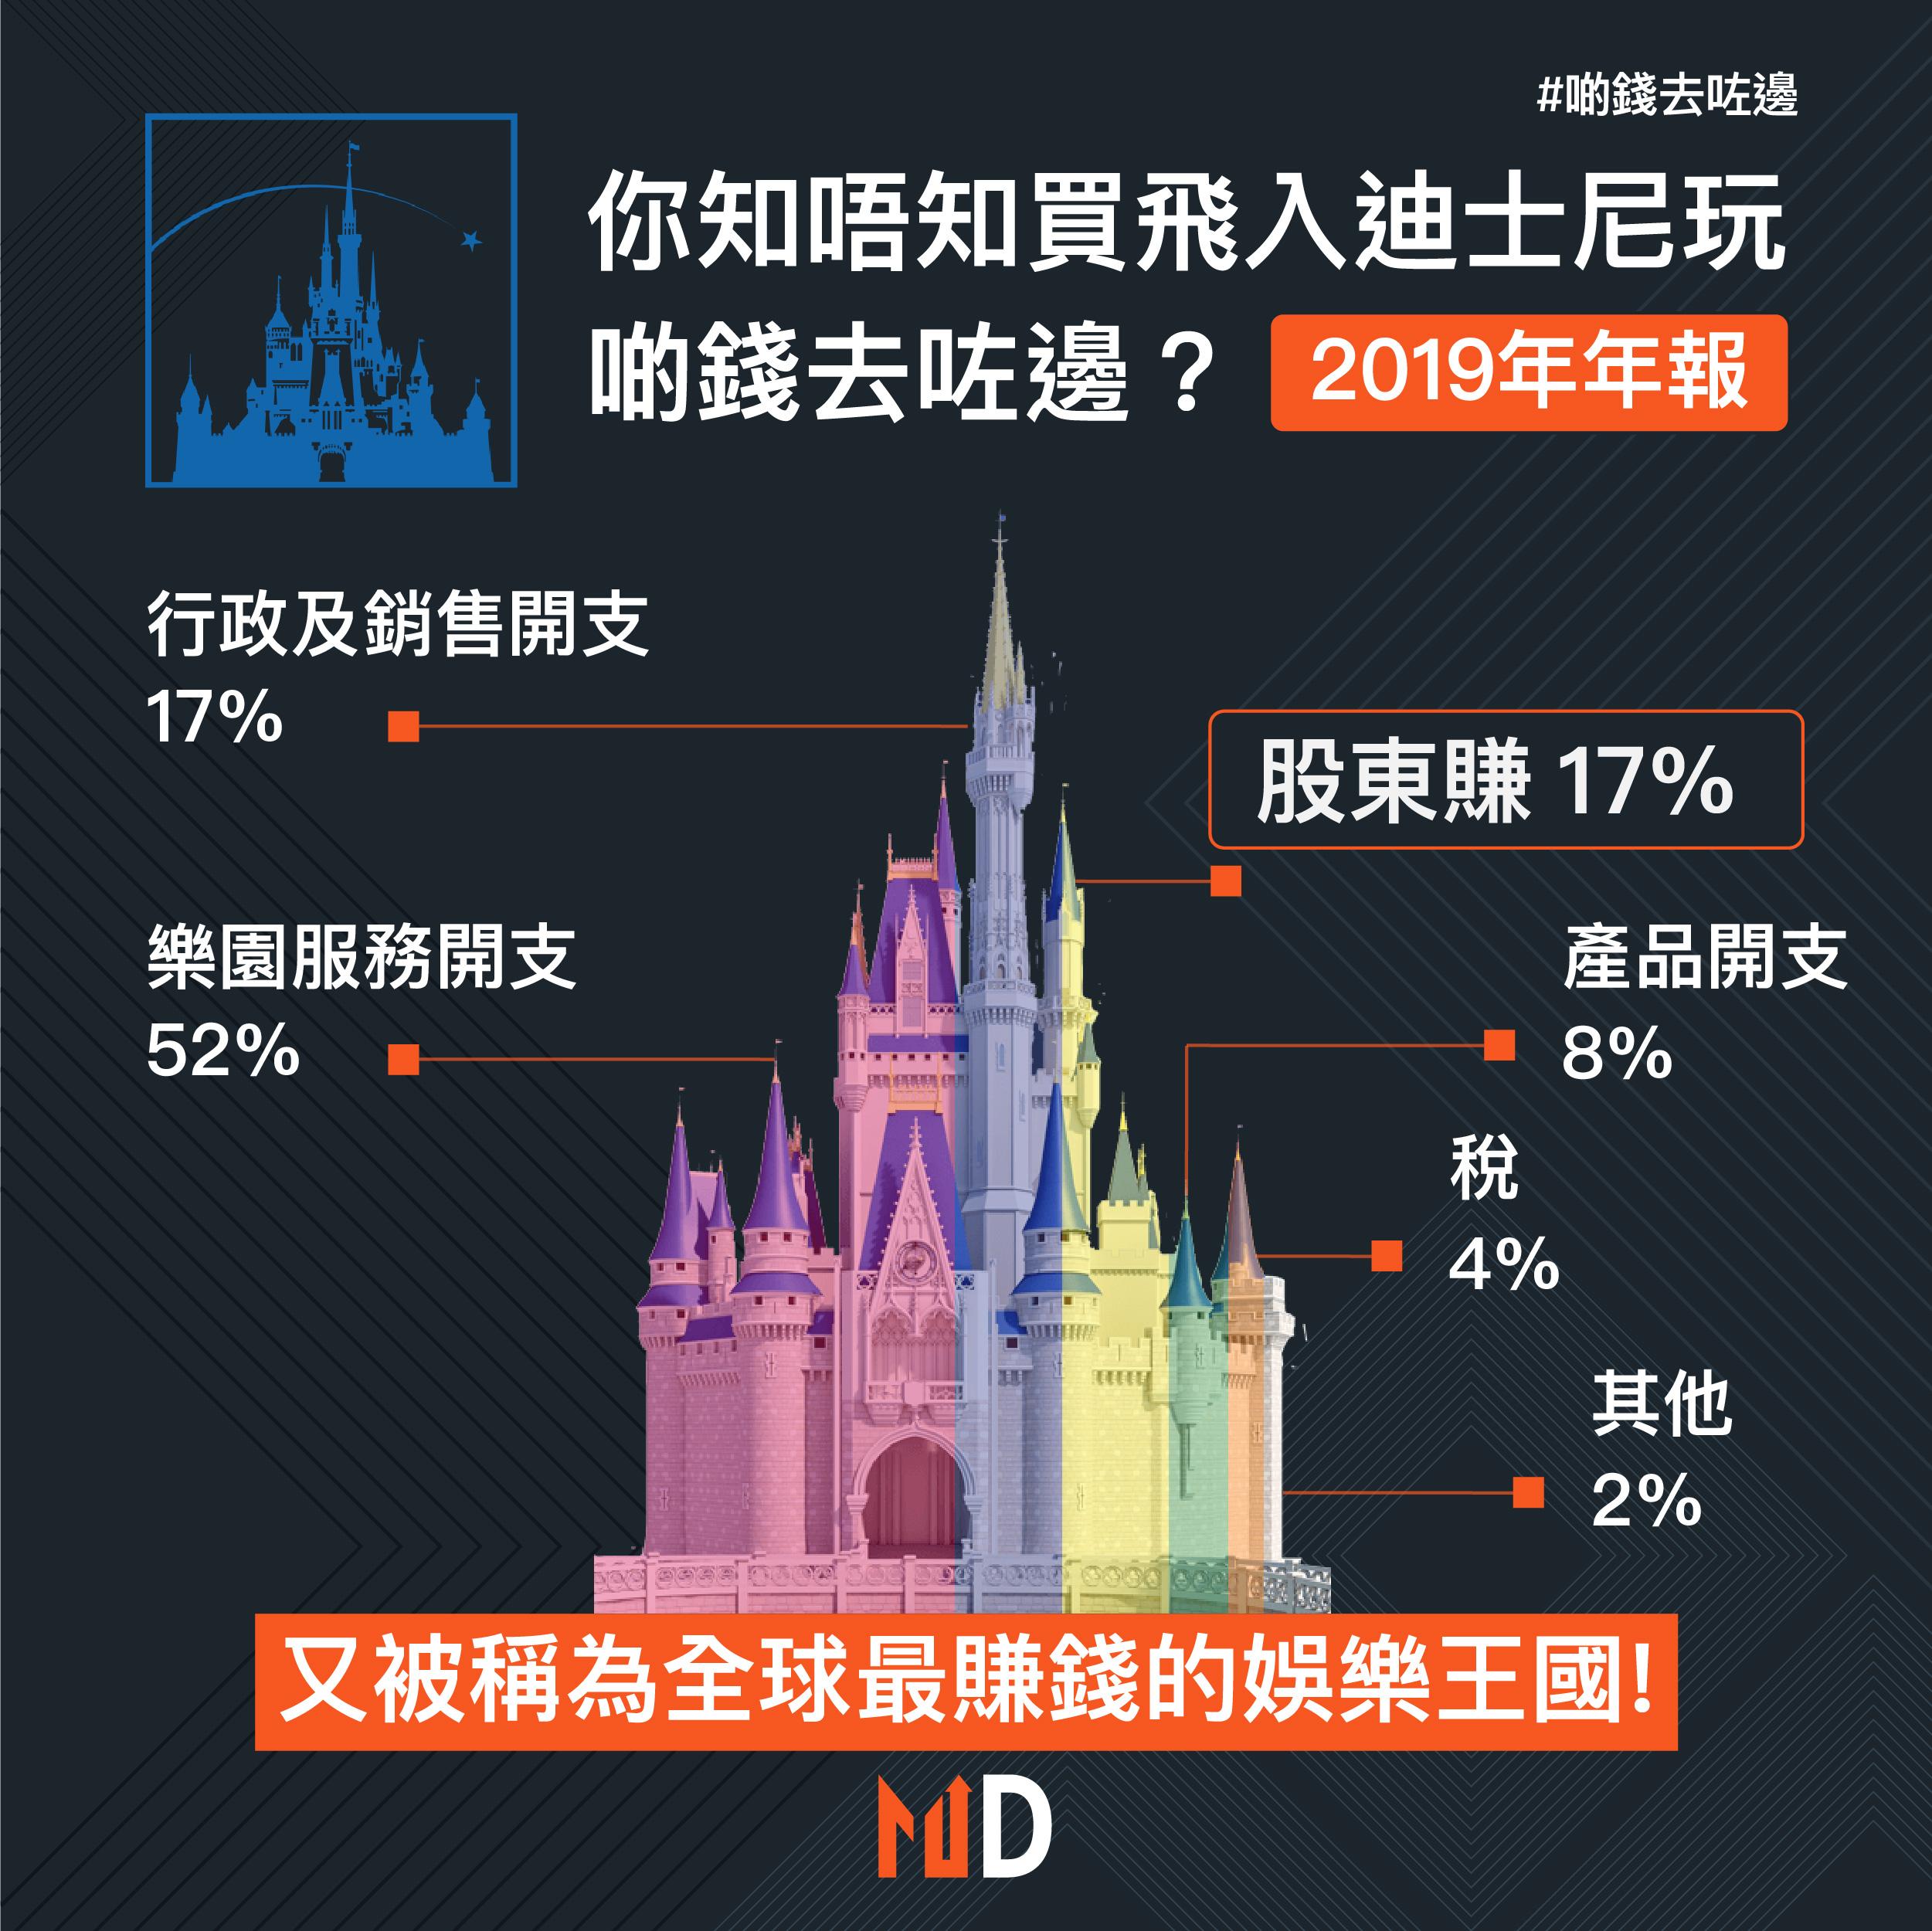 【啲錢去咗邊】你知唔知平時買飛入迪士尼玩,啲錢去咗邊?